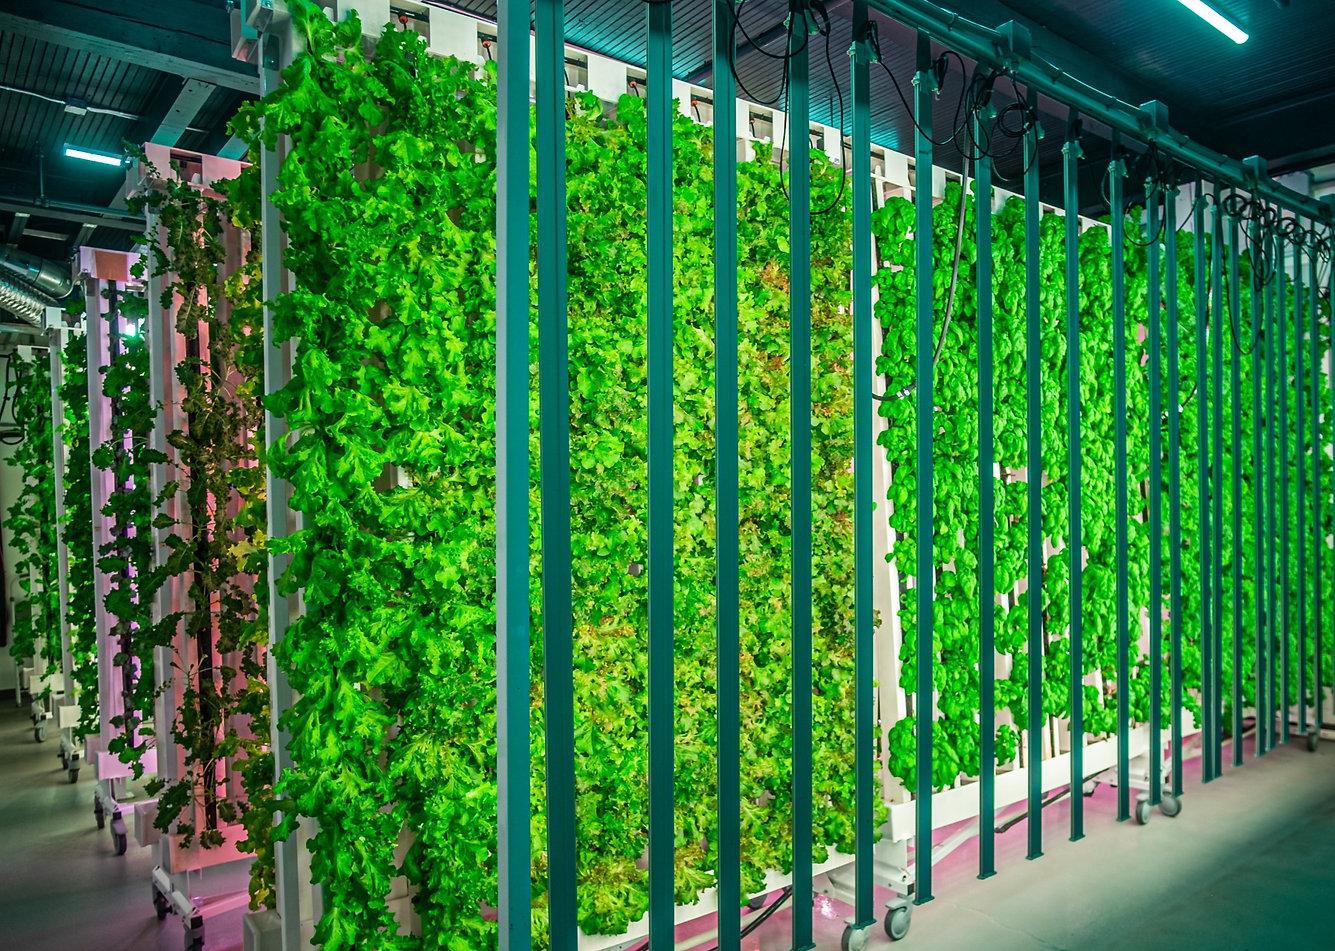 Foundation Farms Vertical Farming Wall Hyrdoponic